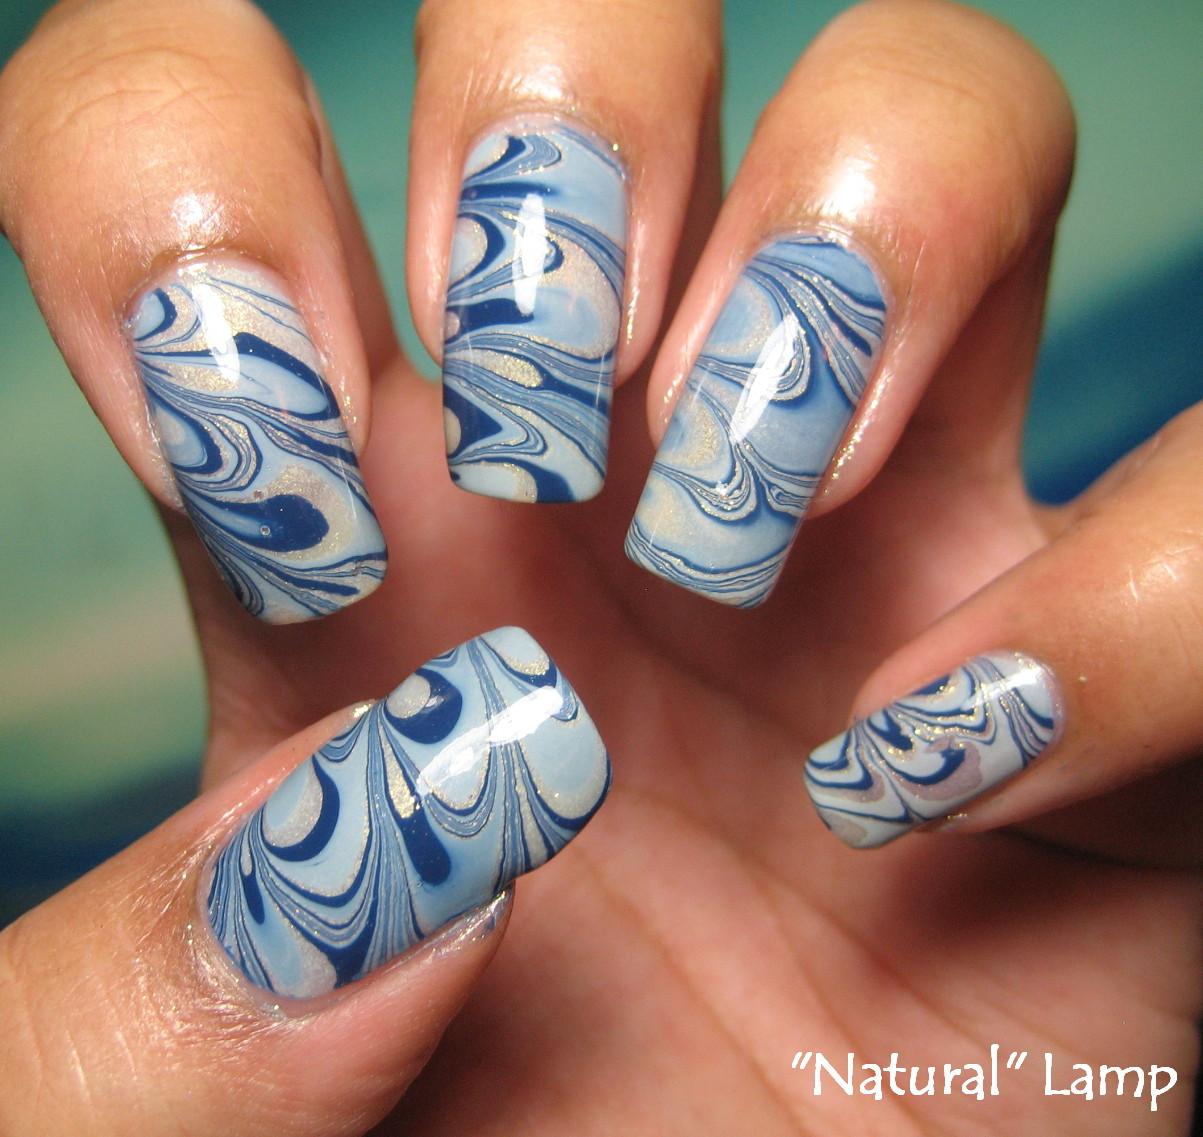 Royal Nail Designs